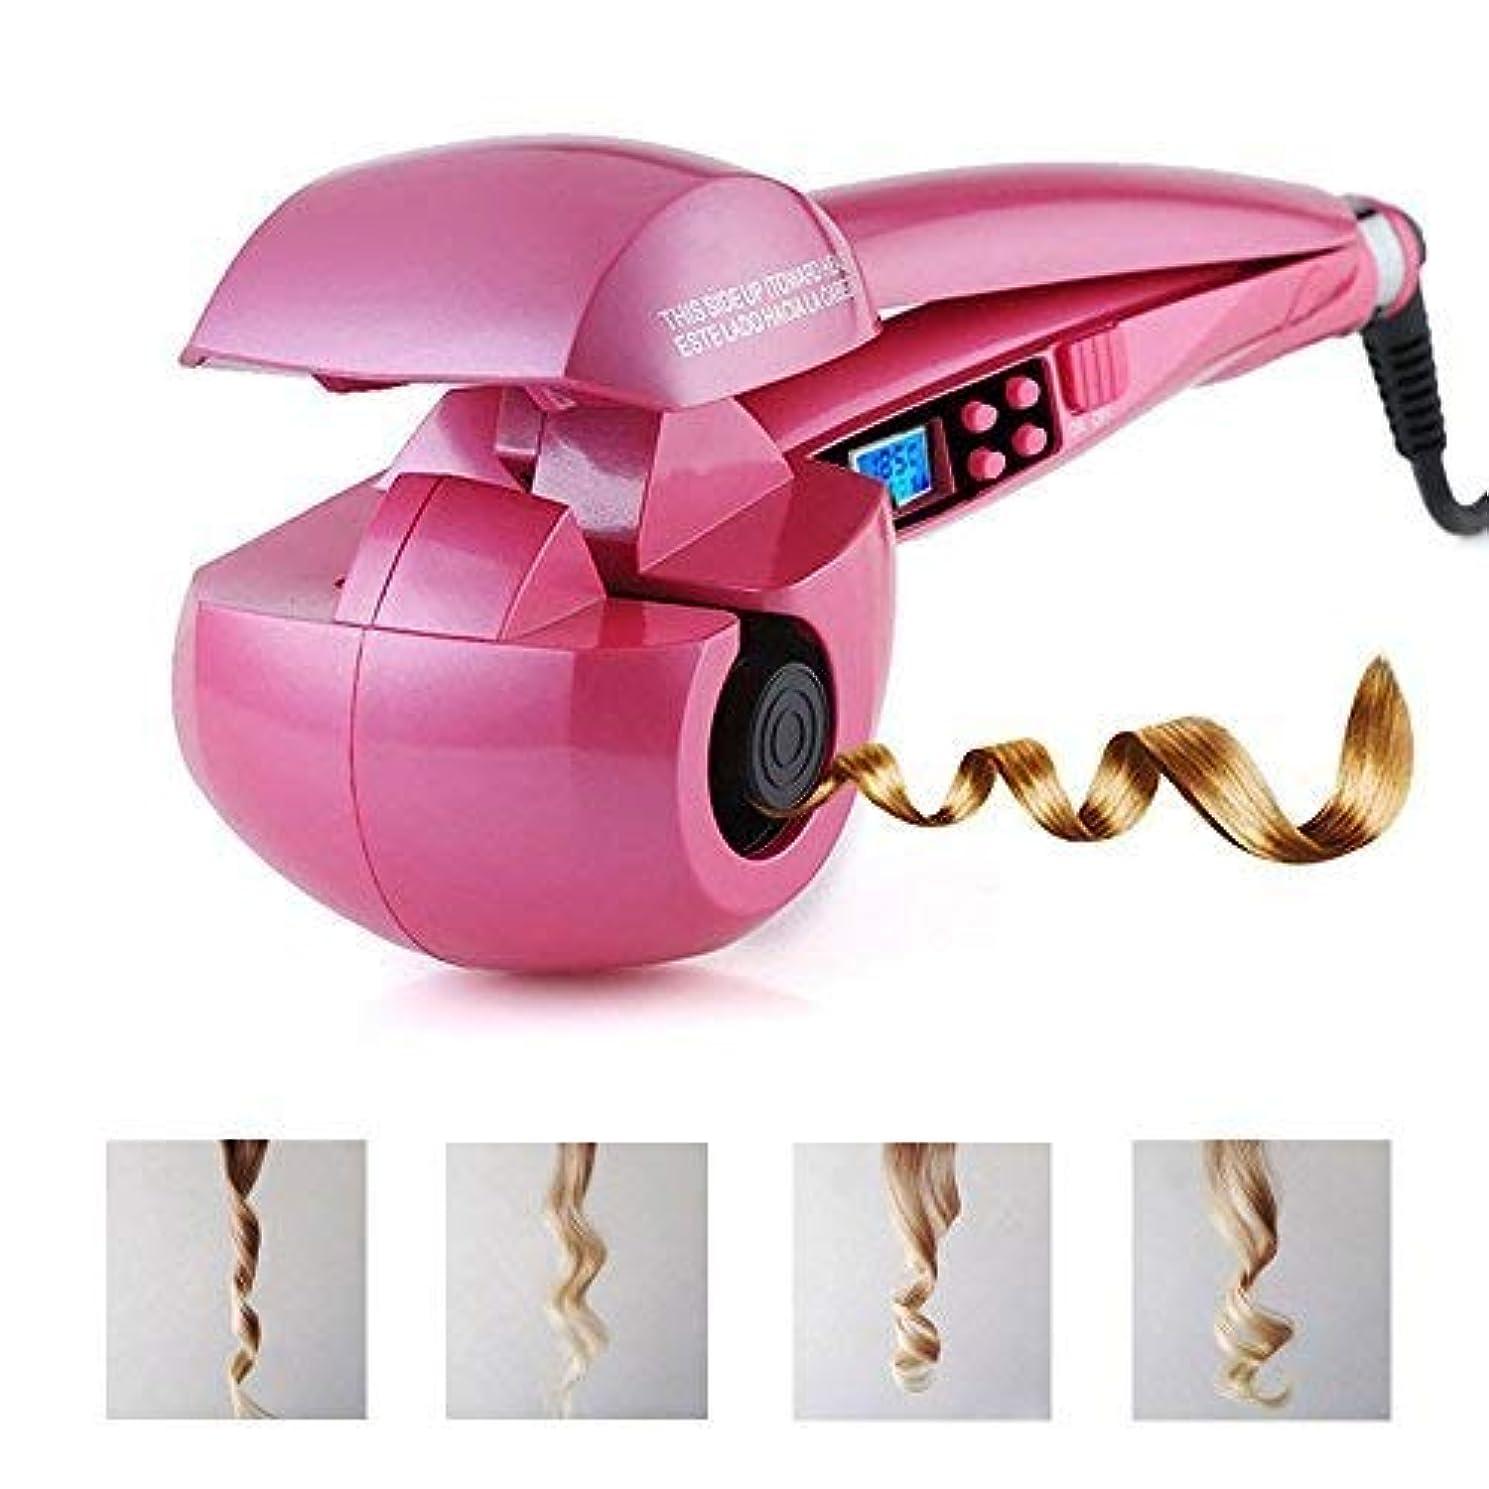 ウィスキーピカリングスモッグオートカールアイロン ミラカール ヘアアイロン 自動巻き コテ ピンク